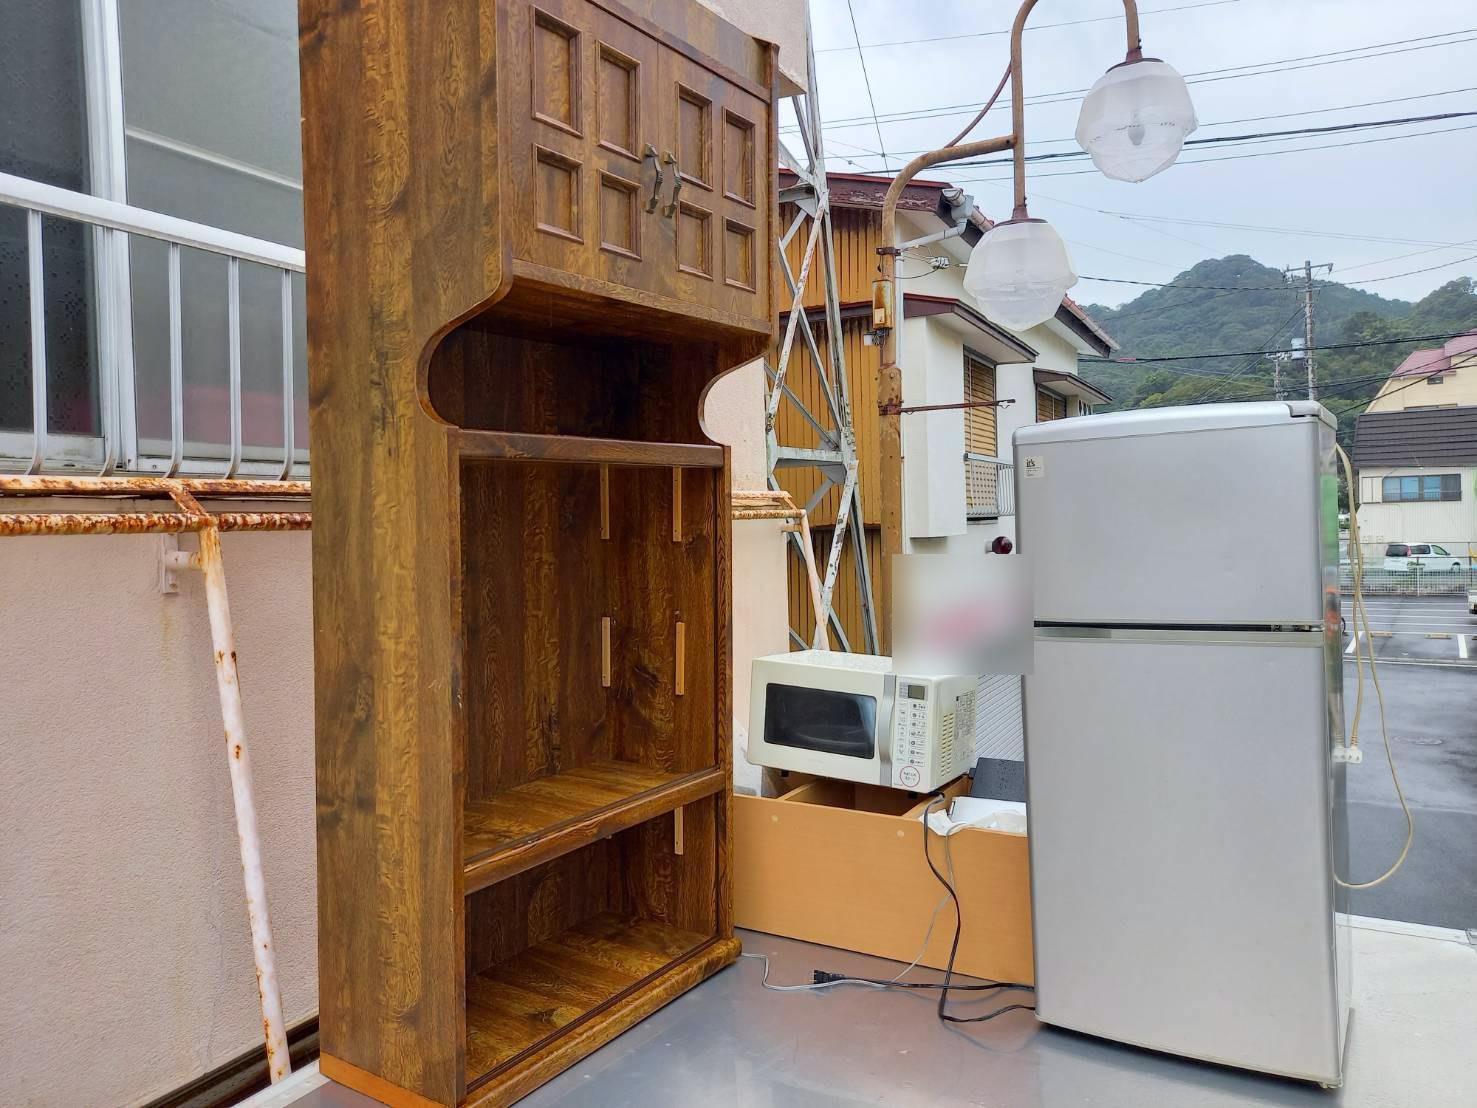 冷蔵庫、電子レンジ、棚の回収前